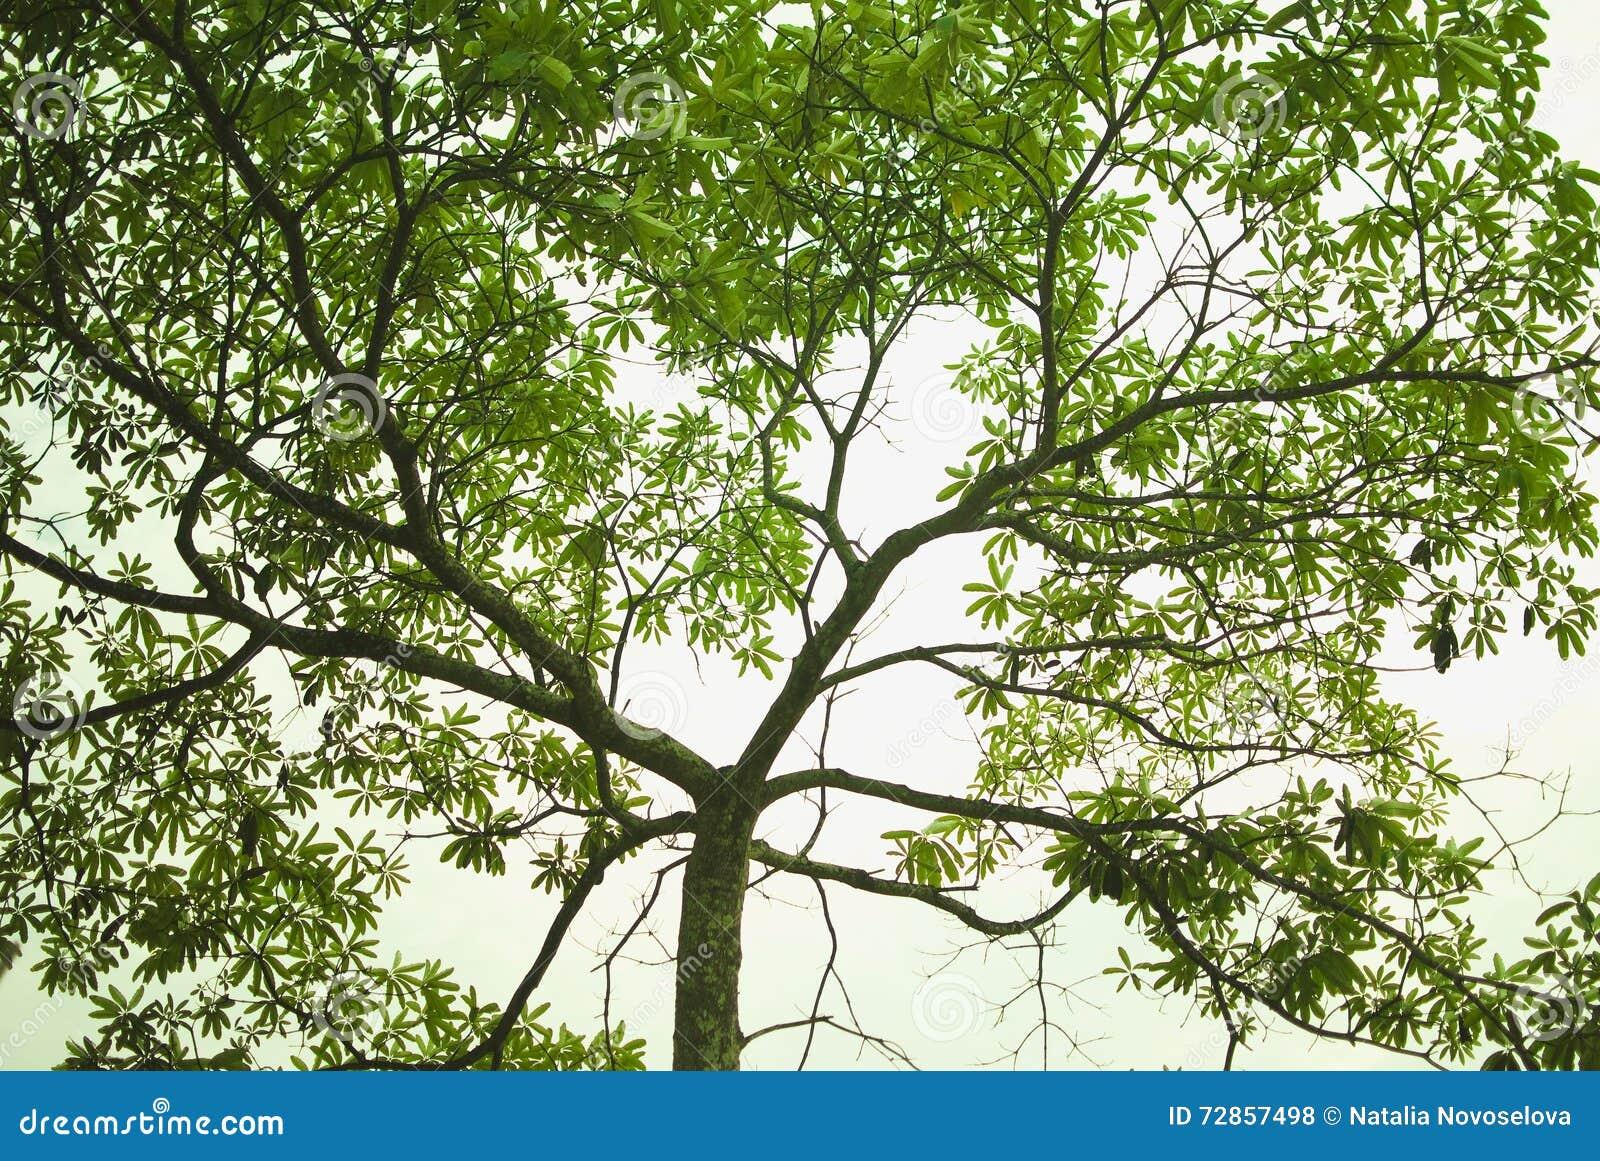 Κινηματογράφηση σε πρώτο πλάνο της πολύβλαστης διακλάδωσης δέντρων